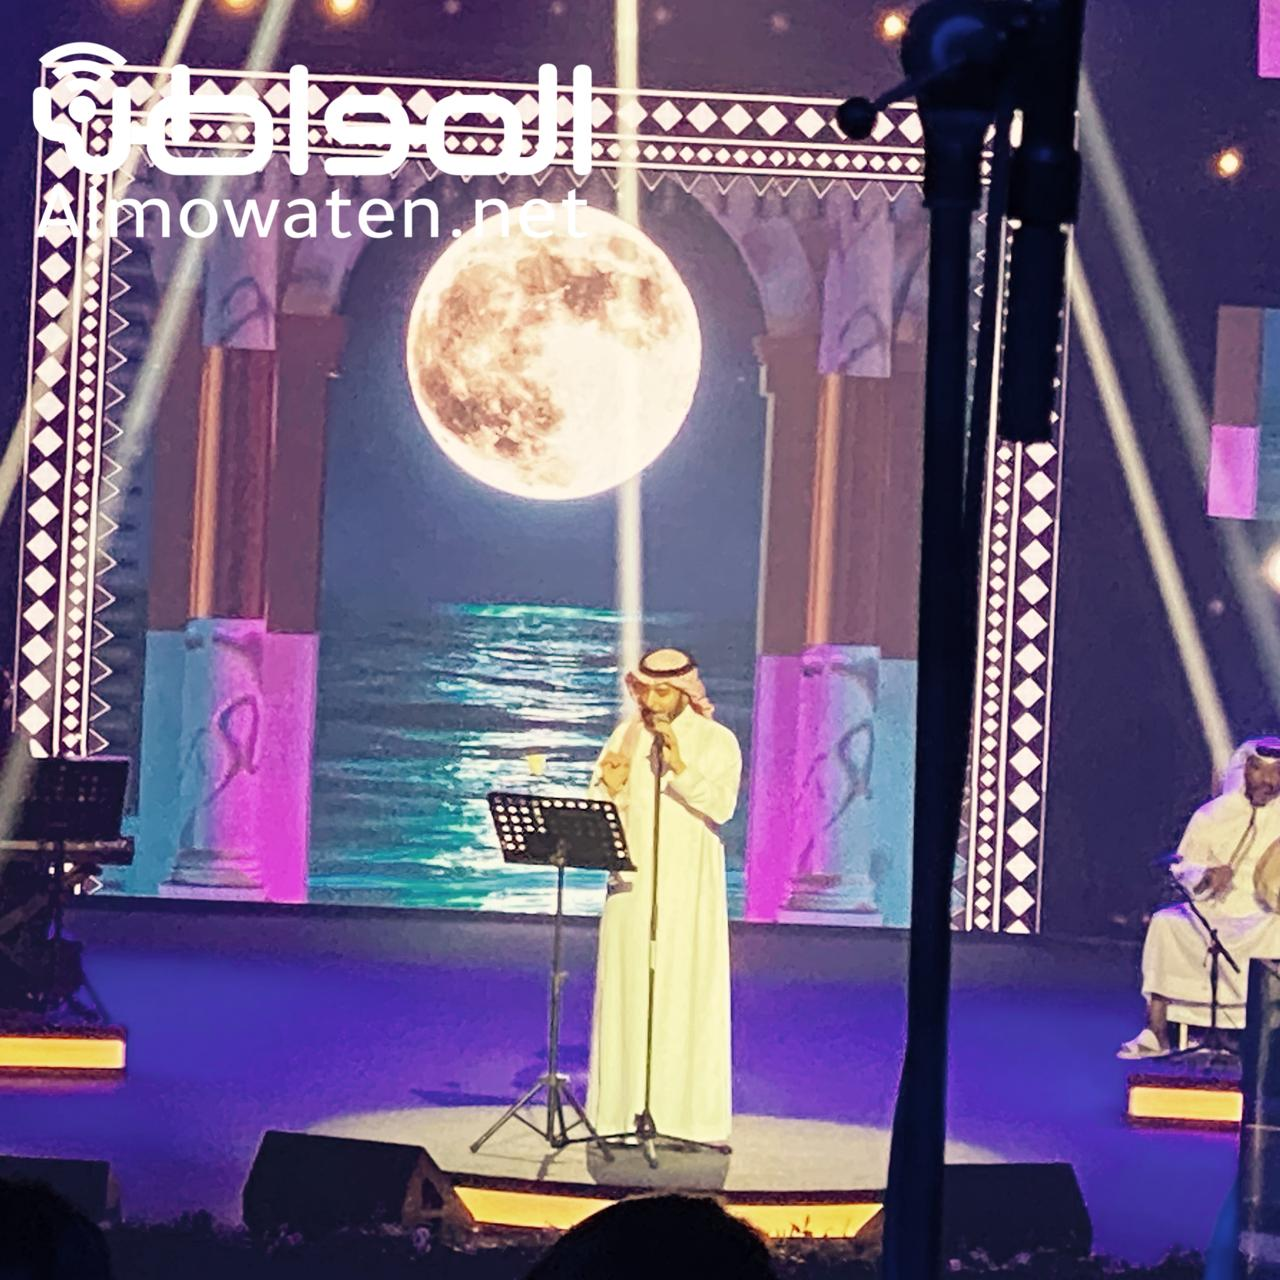 ماجد المهندس ورامي عبدالله يبدعان على مسرح طلال مداح - المواطن